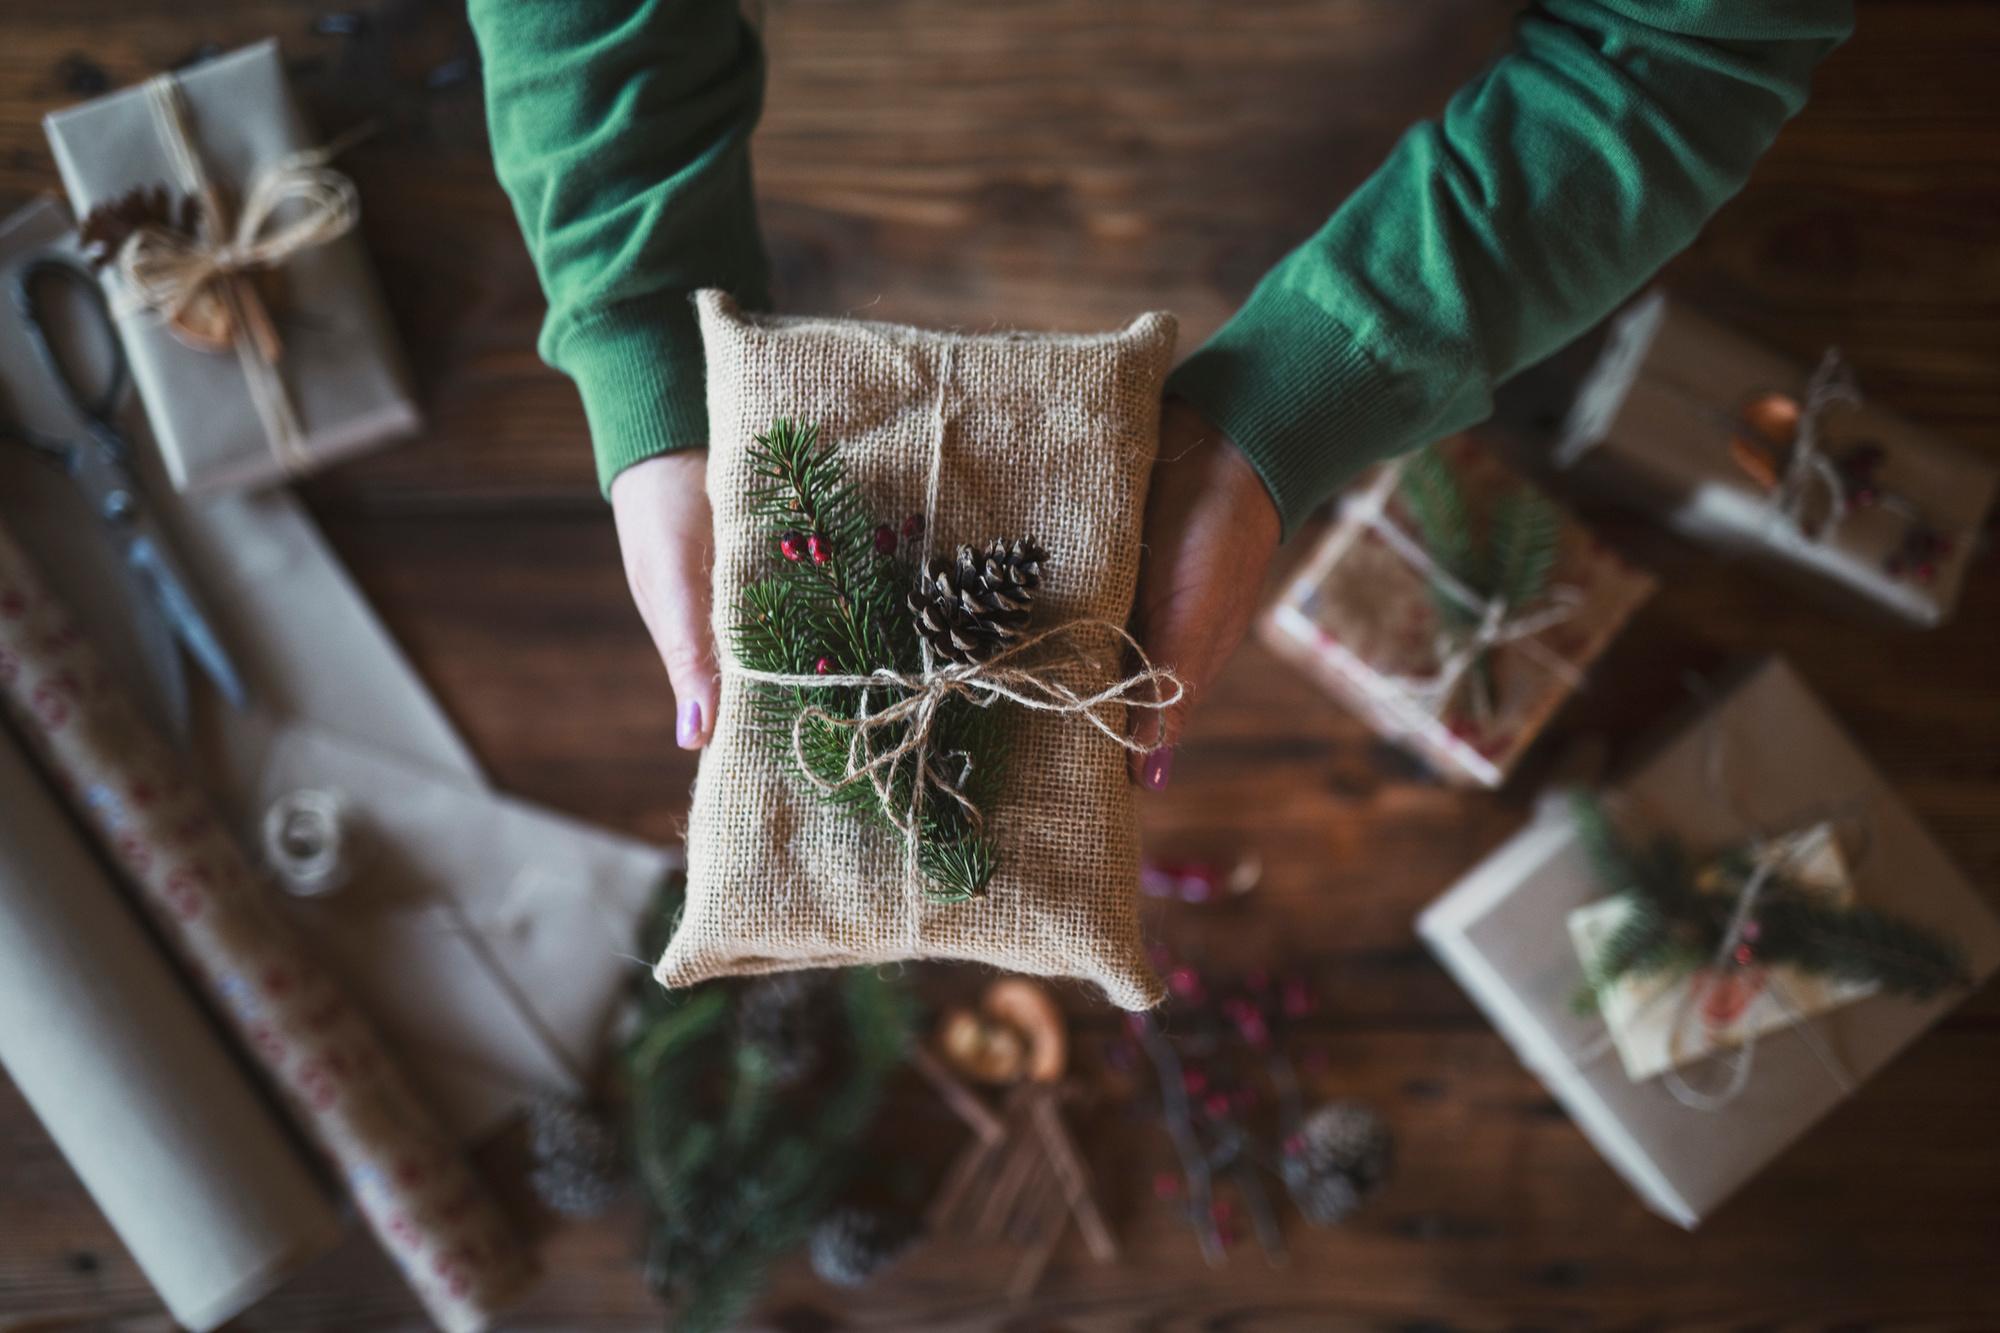 Inpakken kan met restjes inpakpapier van vorig jaar, kranten, tijdschriften, oude stafkaarten of juten zakken., Getty